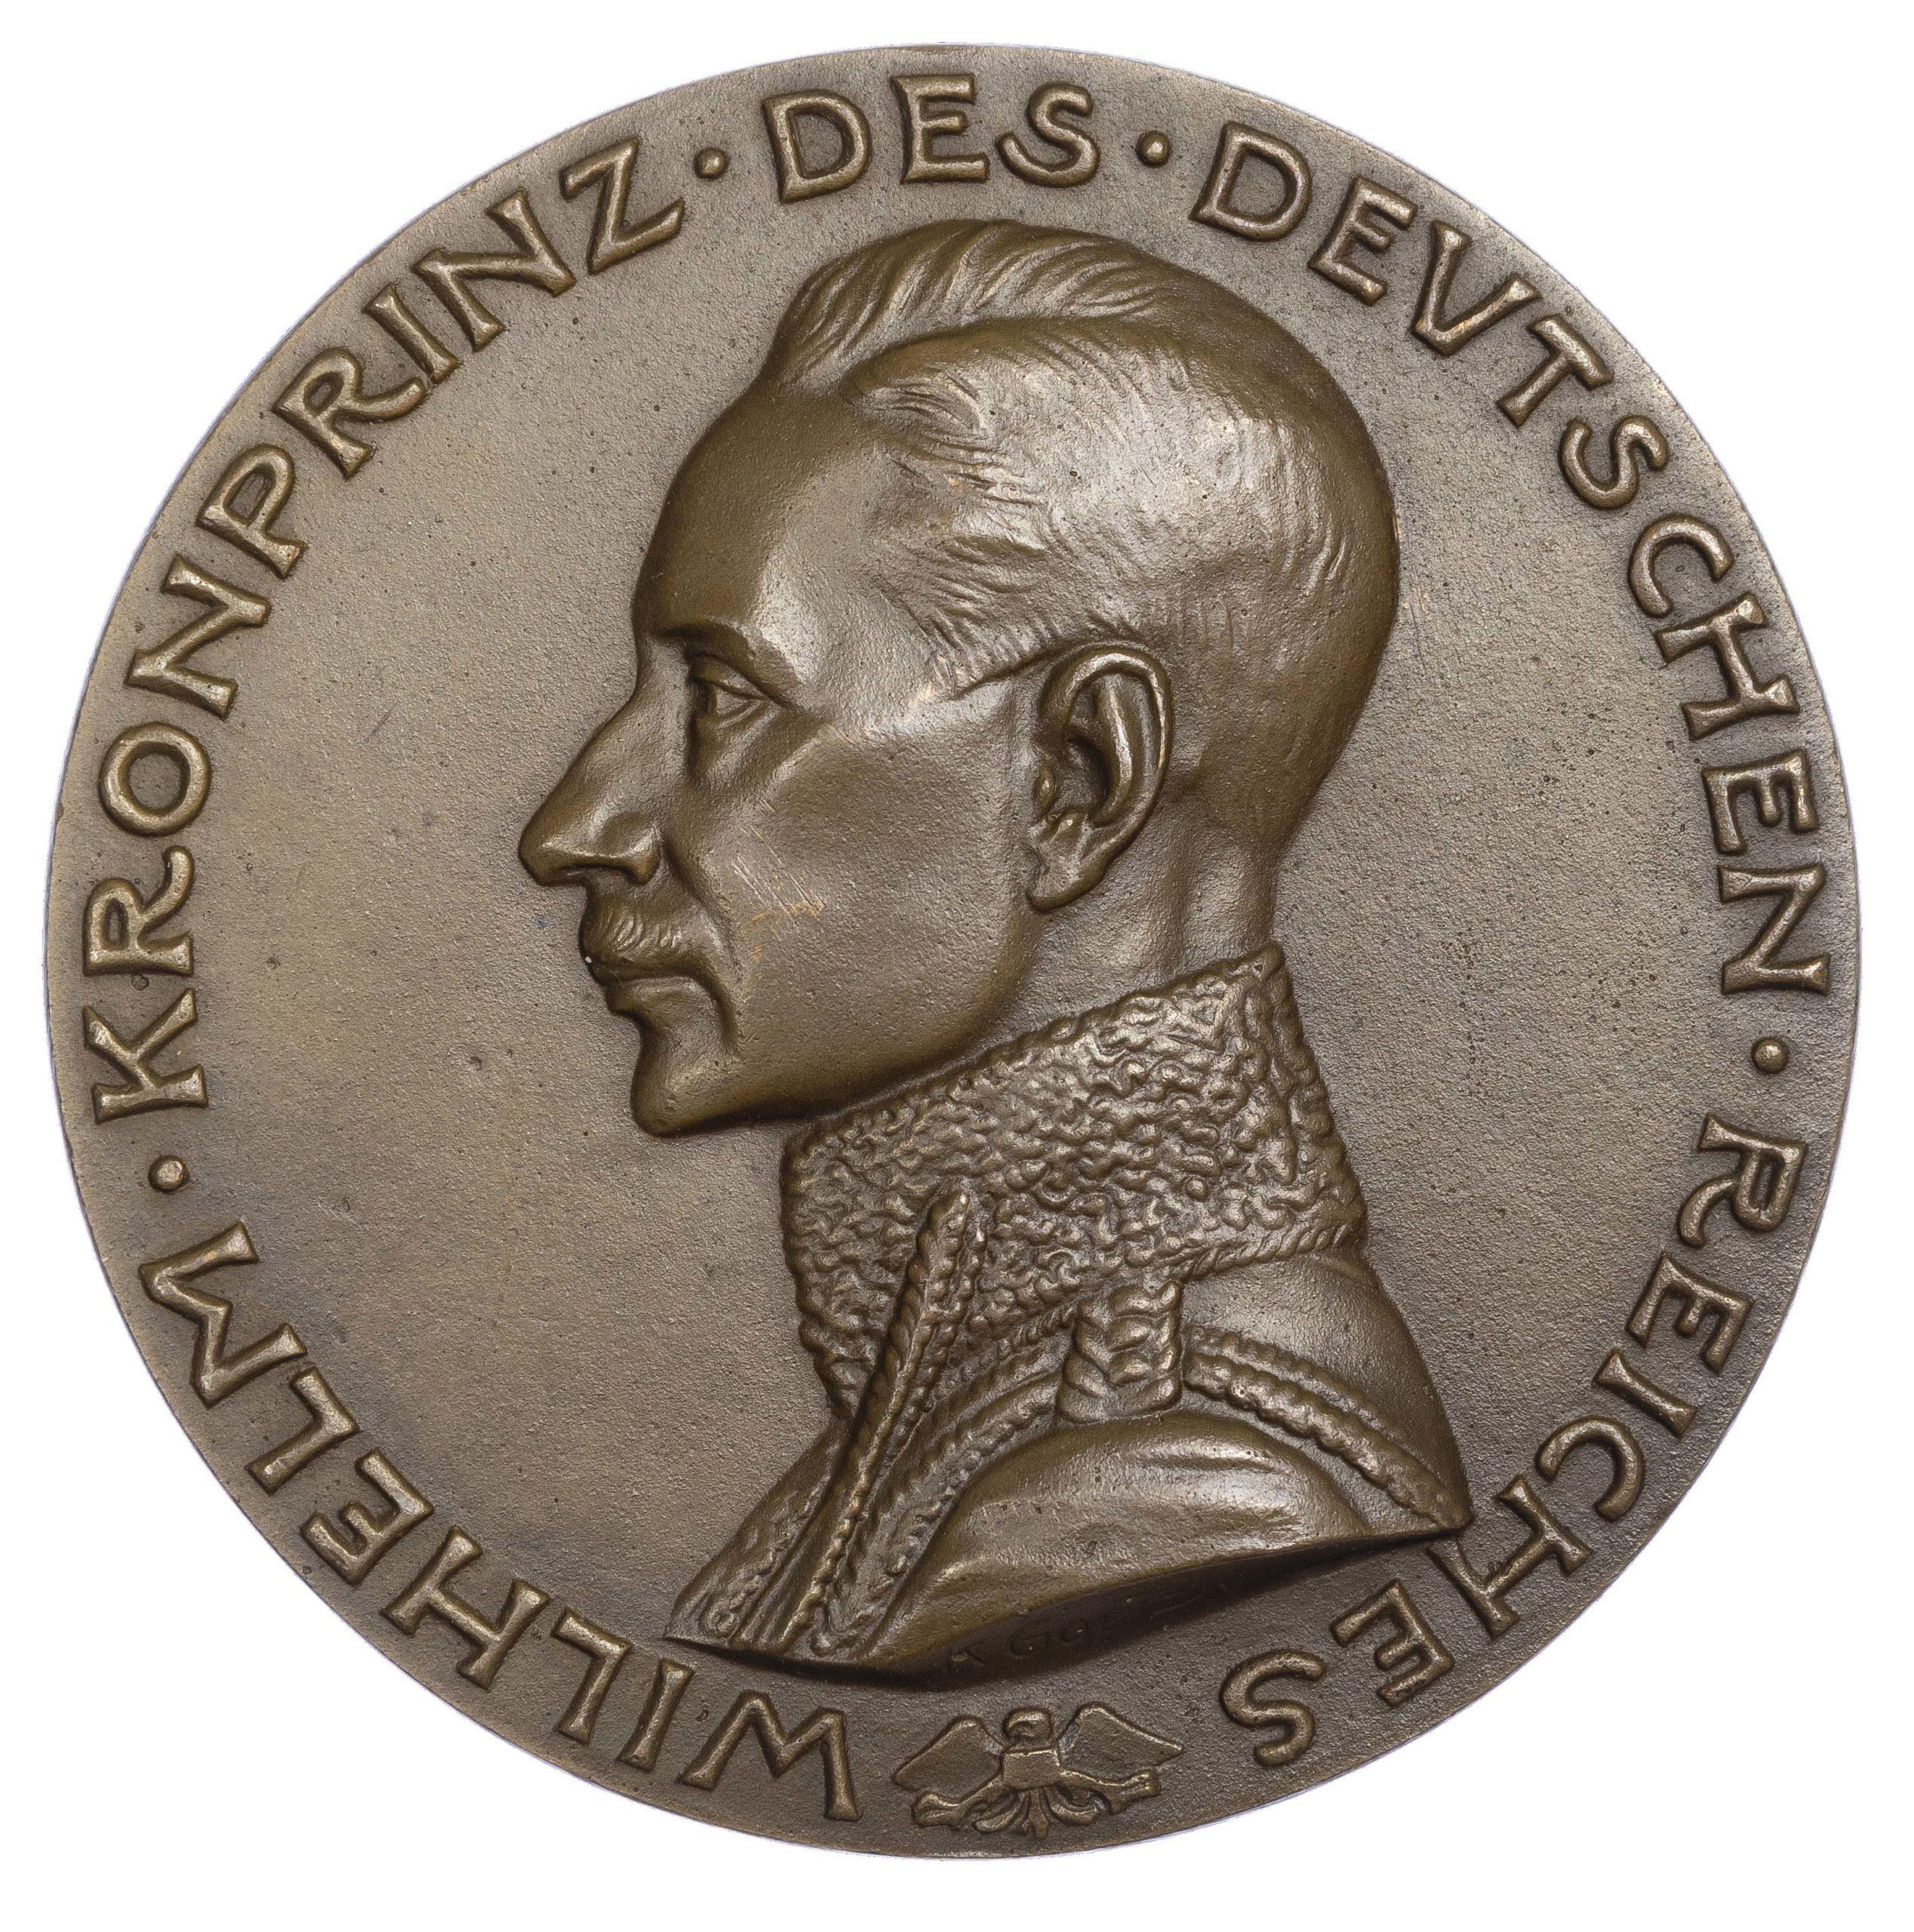 Germany, Crown Prince Wilhelm as hero of the battle of Verdun. AE medal 1915